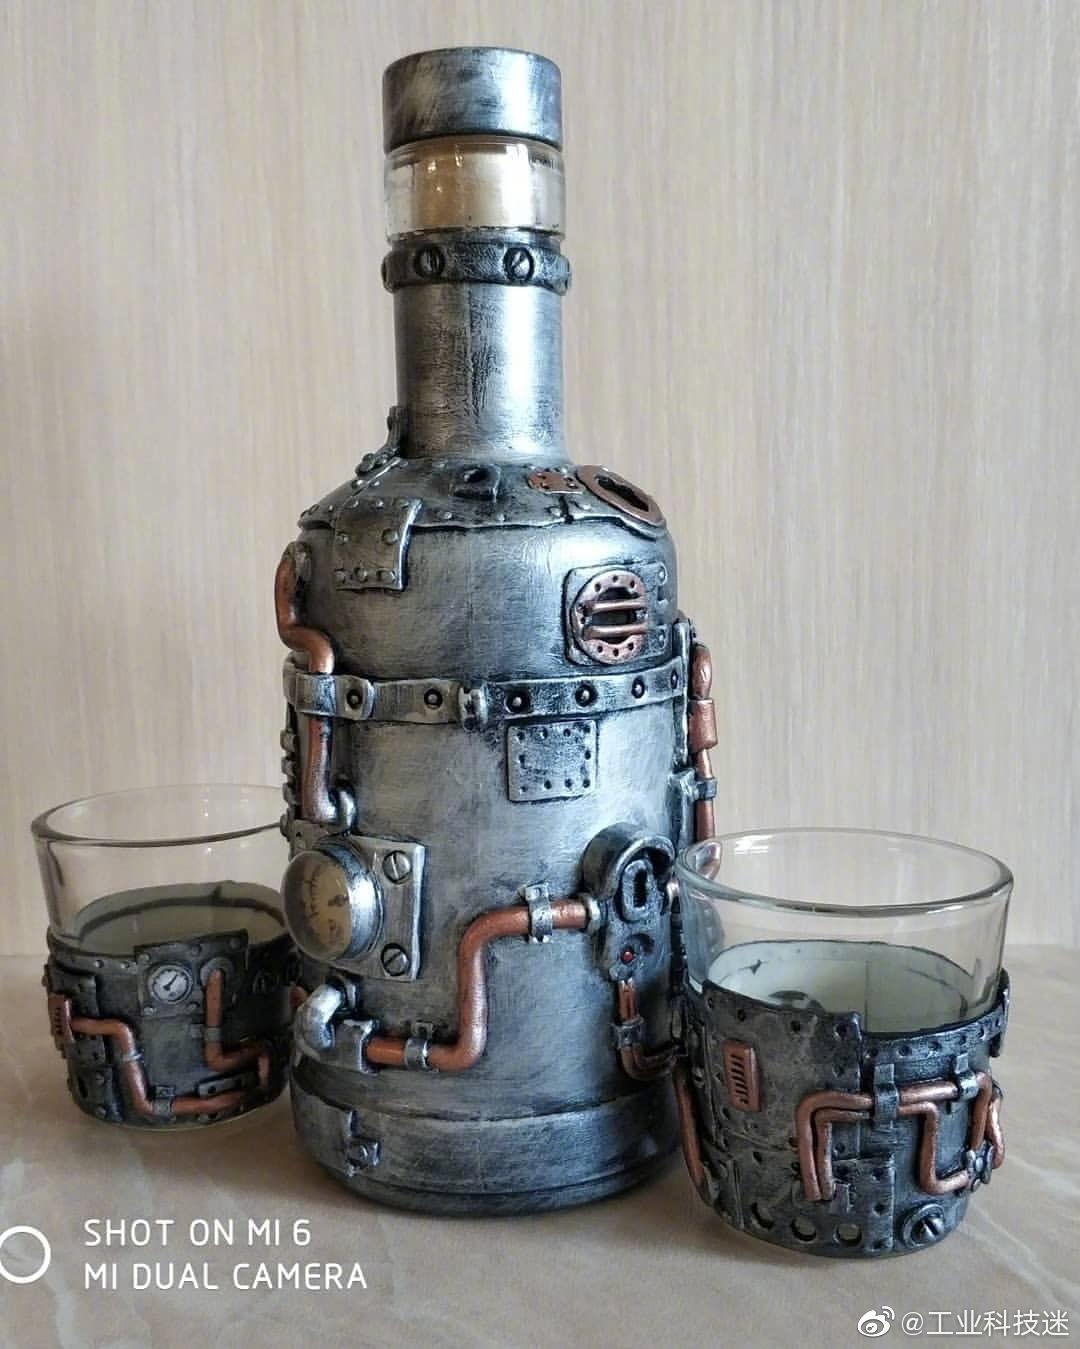 工业界的朋友,要不要一起喝一杯?